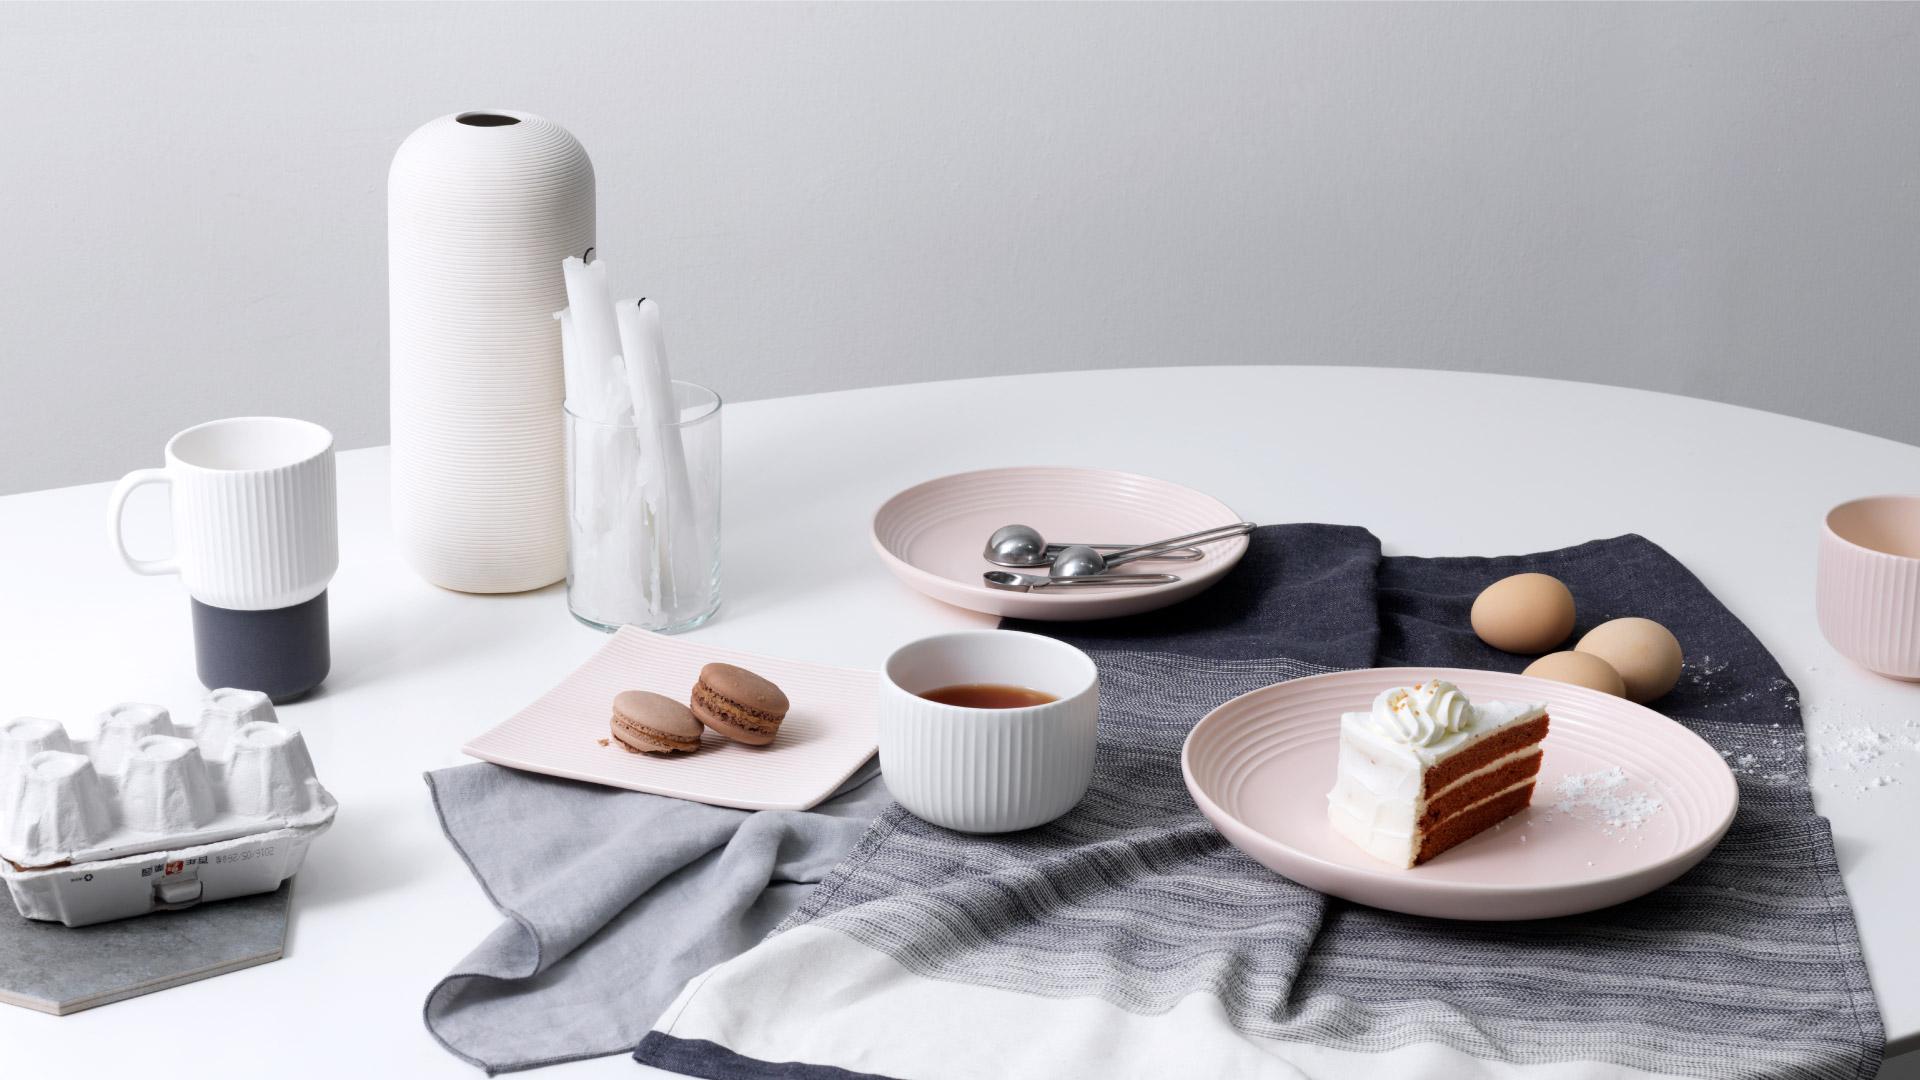 悠闲下午茶,以浅色系作为主色调,配以哑光质地,柔和又不失雅致,增添了几分艺术气息。?x-oss-process=image/format,jpg/interlace,1